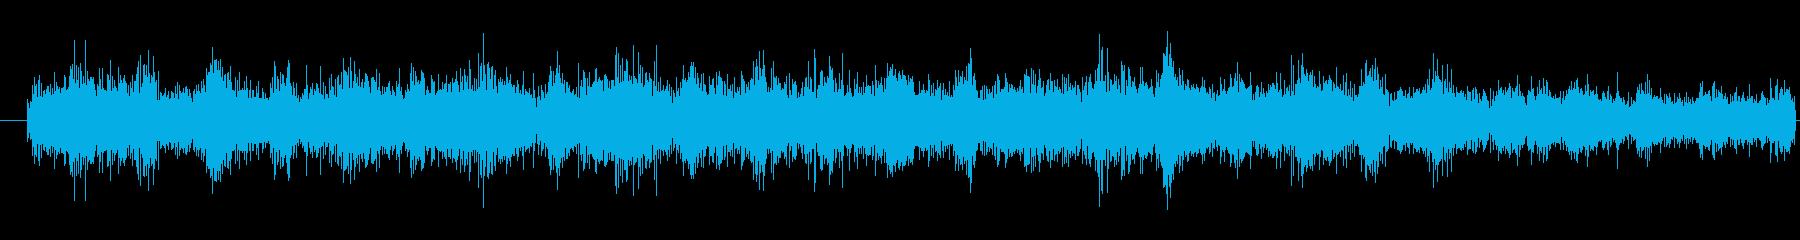 環境音 サイエンスフィクション02の再生済みの波形